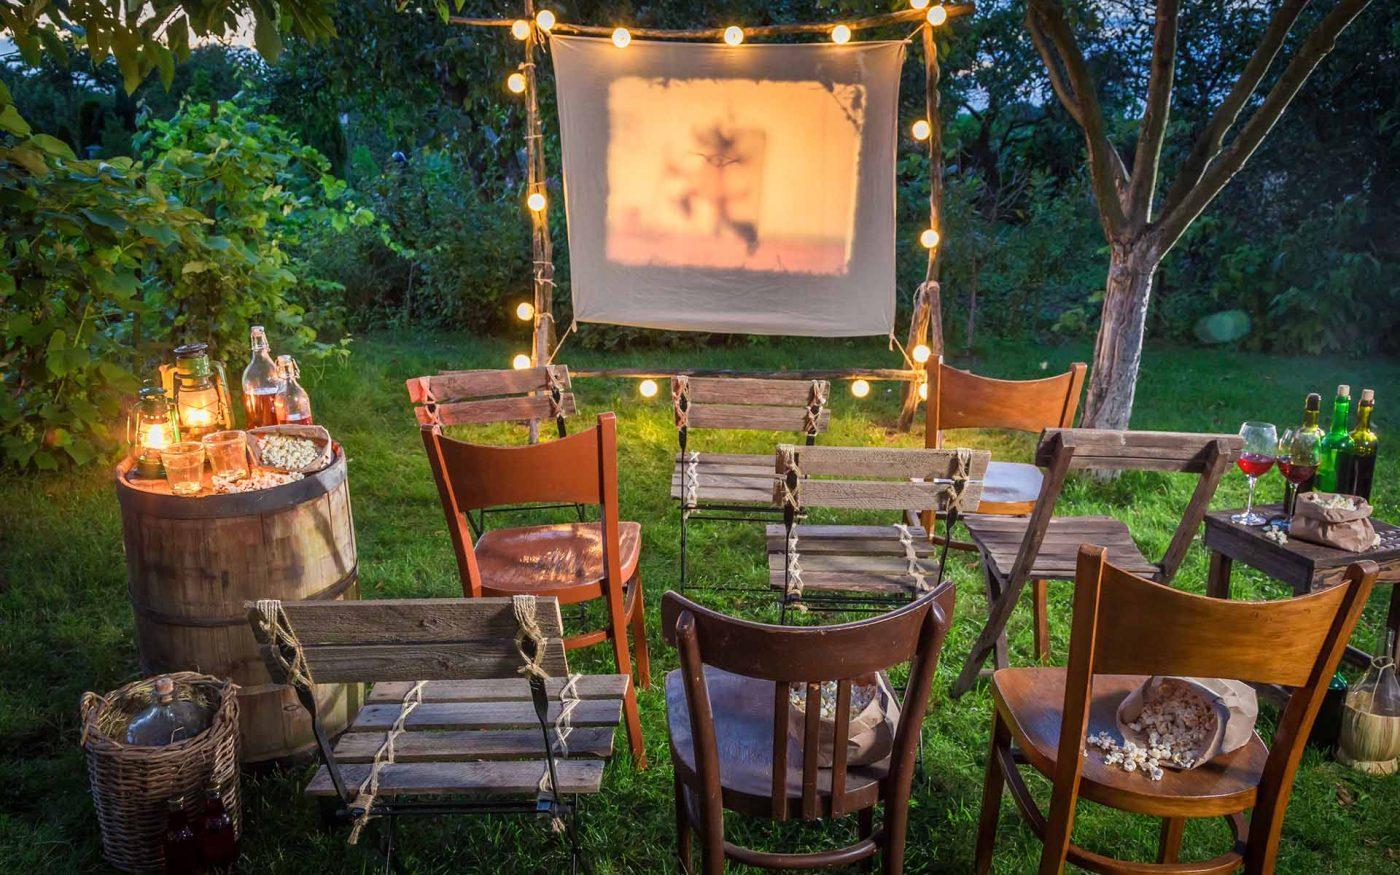 GIOVEDI' 19 Luglio … CINEMA all'aria aperta nel parco del quartiere!